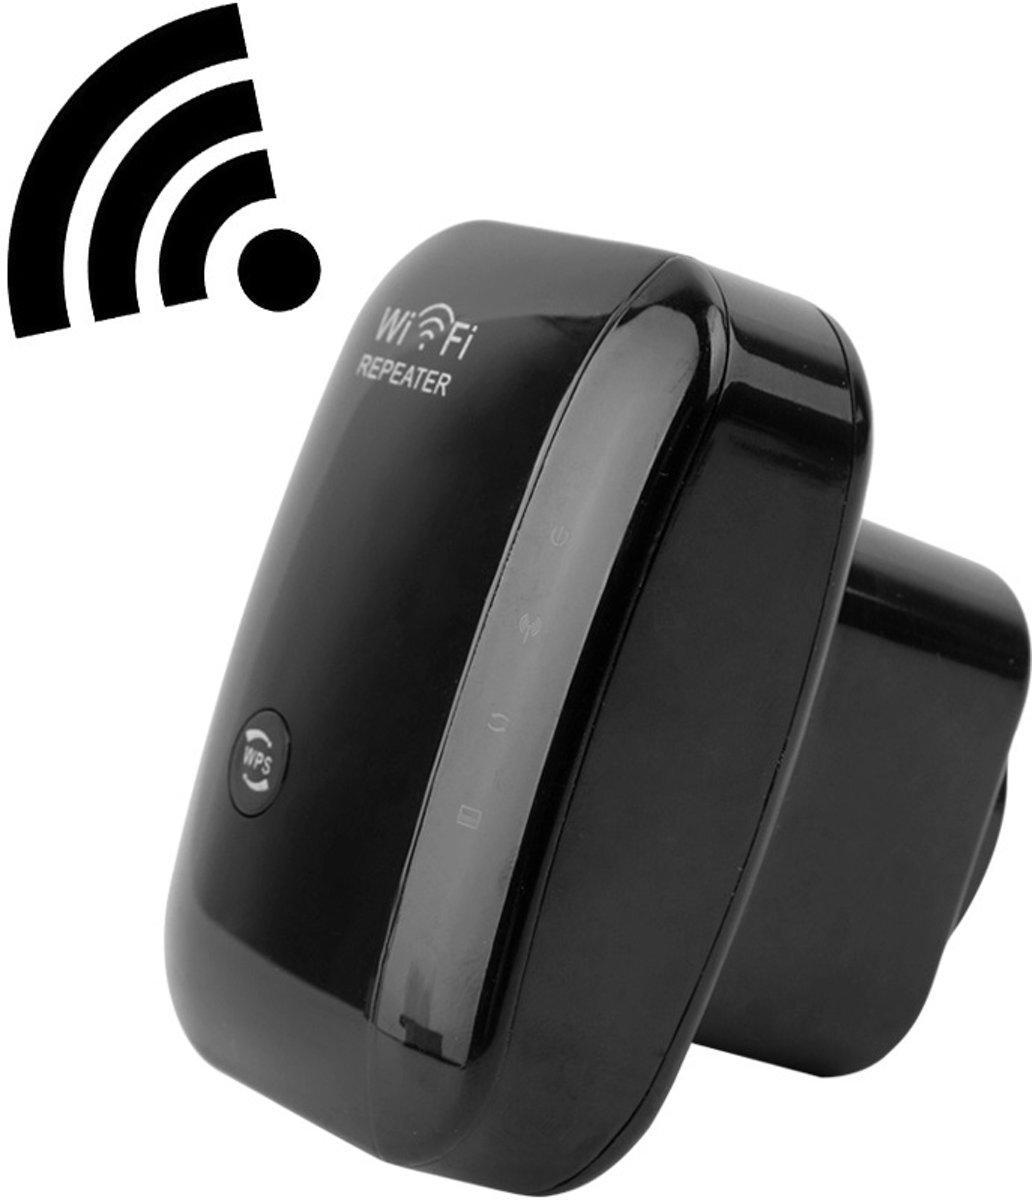 Sterke draadloze Wifi versterker voor in het stopcontact - inclusief ethernet poort met netwerkkabel - uitbreiding van je draadloze netwerk kopen